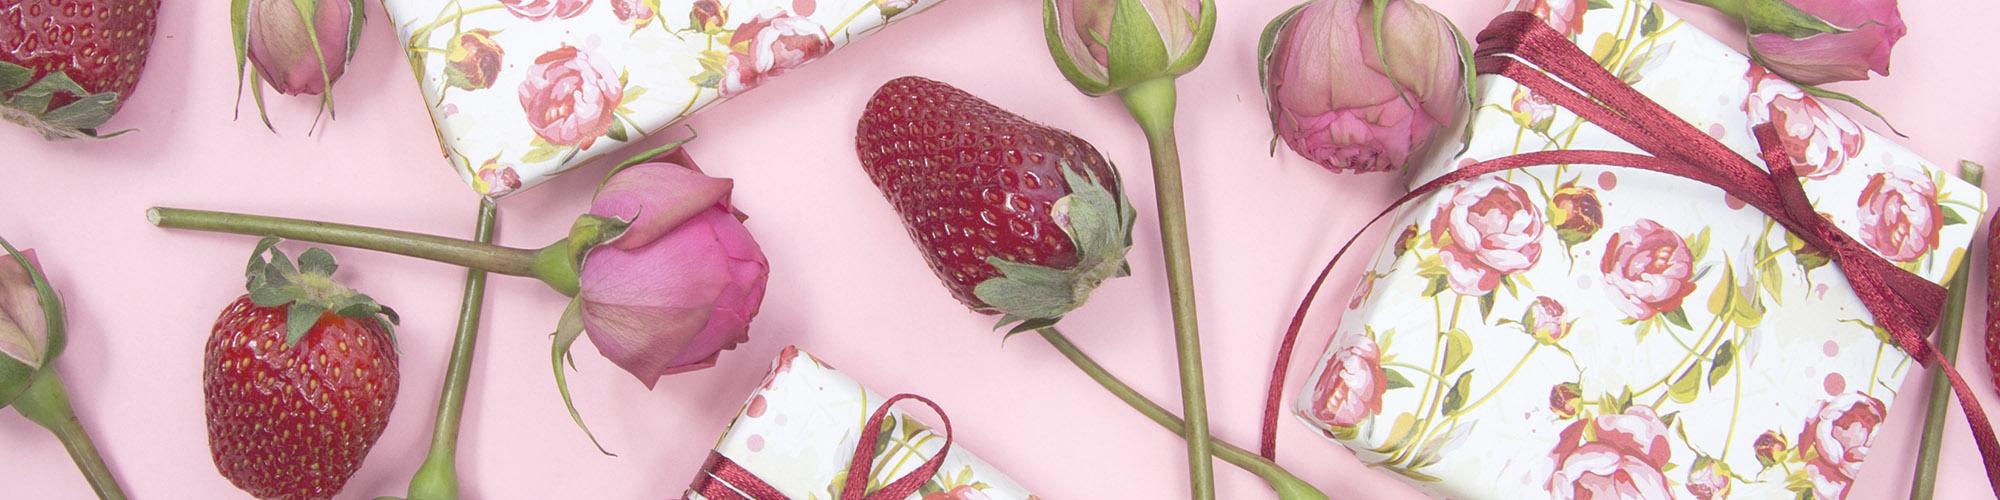 Всегда свежие фрукты в коллекциях FRUITBOX